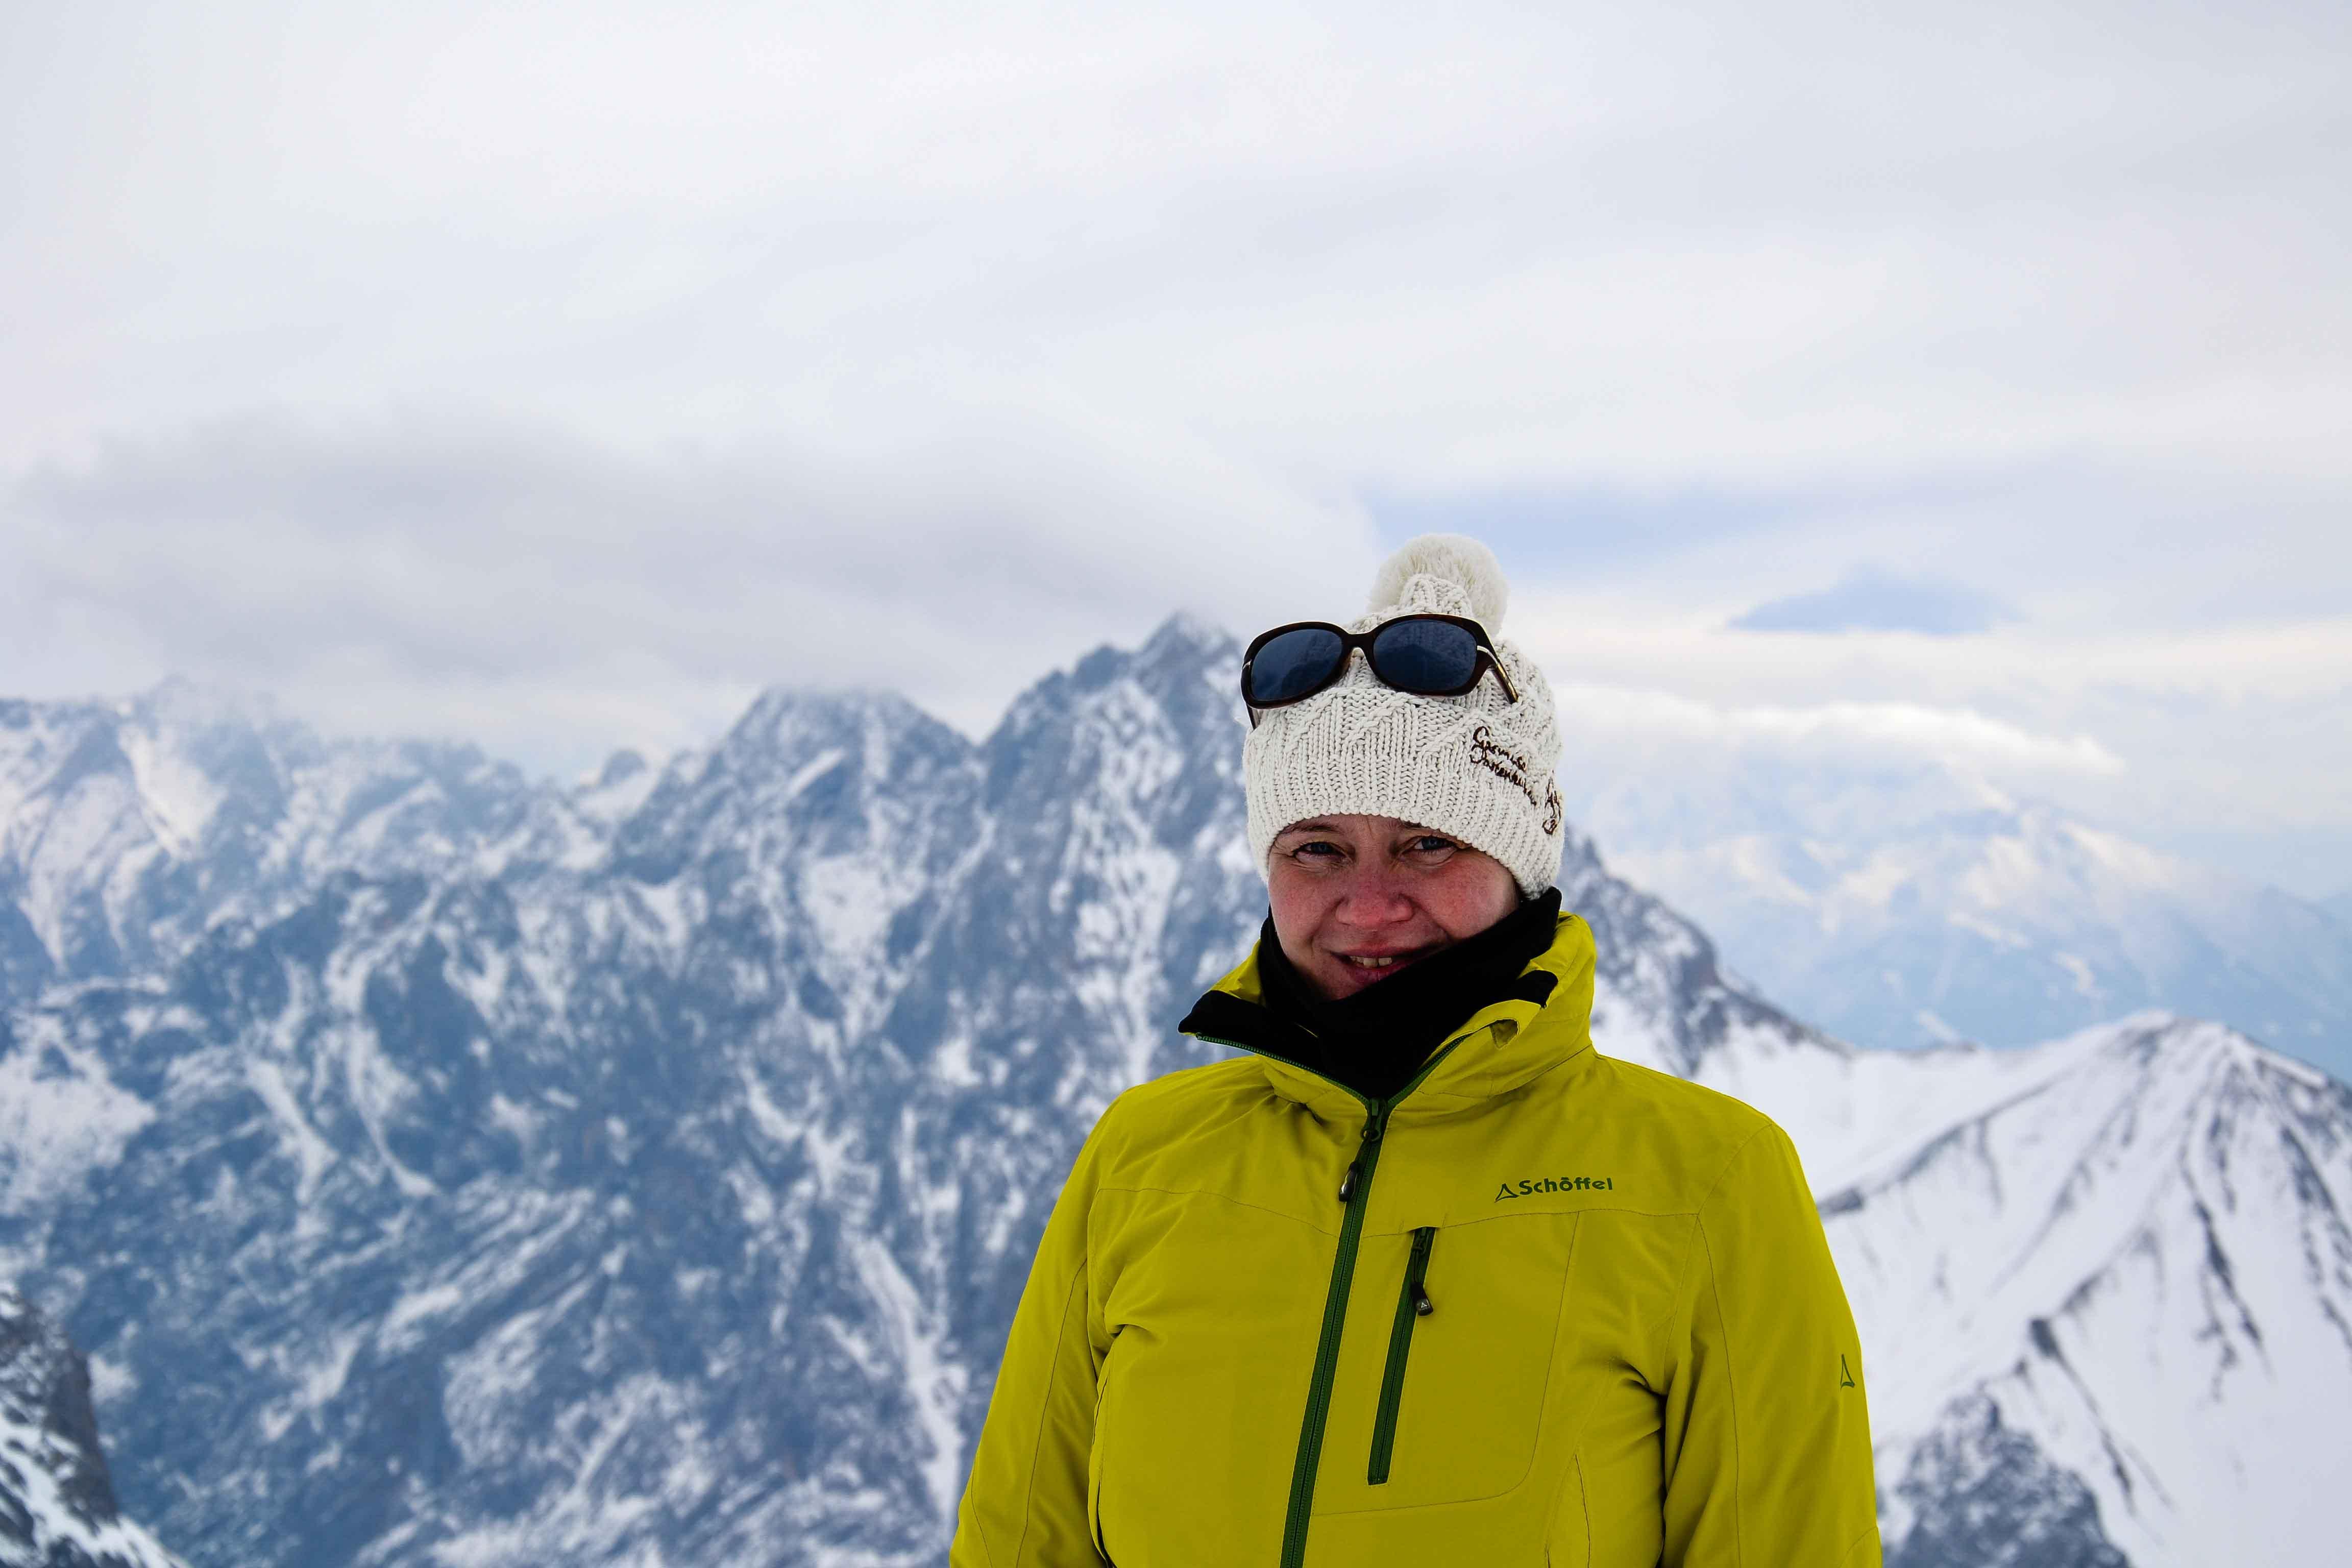 Auf der Zugspitze vor gewaltiger Kulisse. Foto: Birgit Pielen